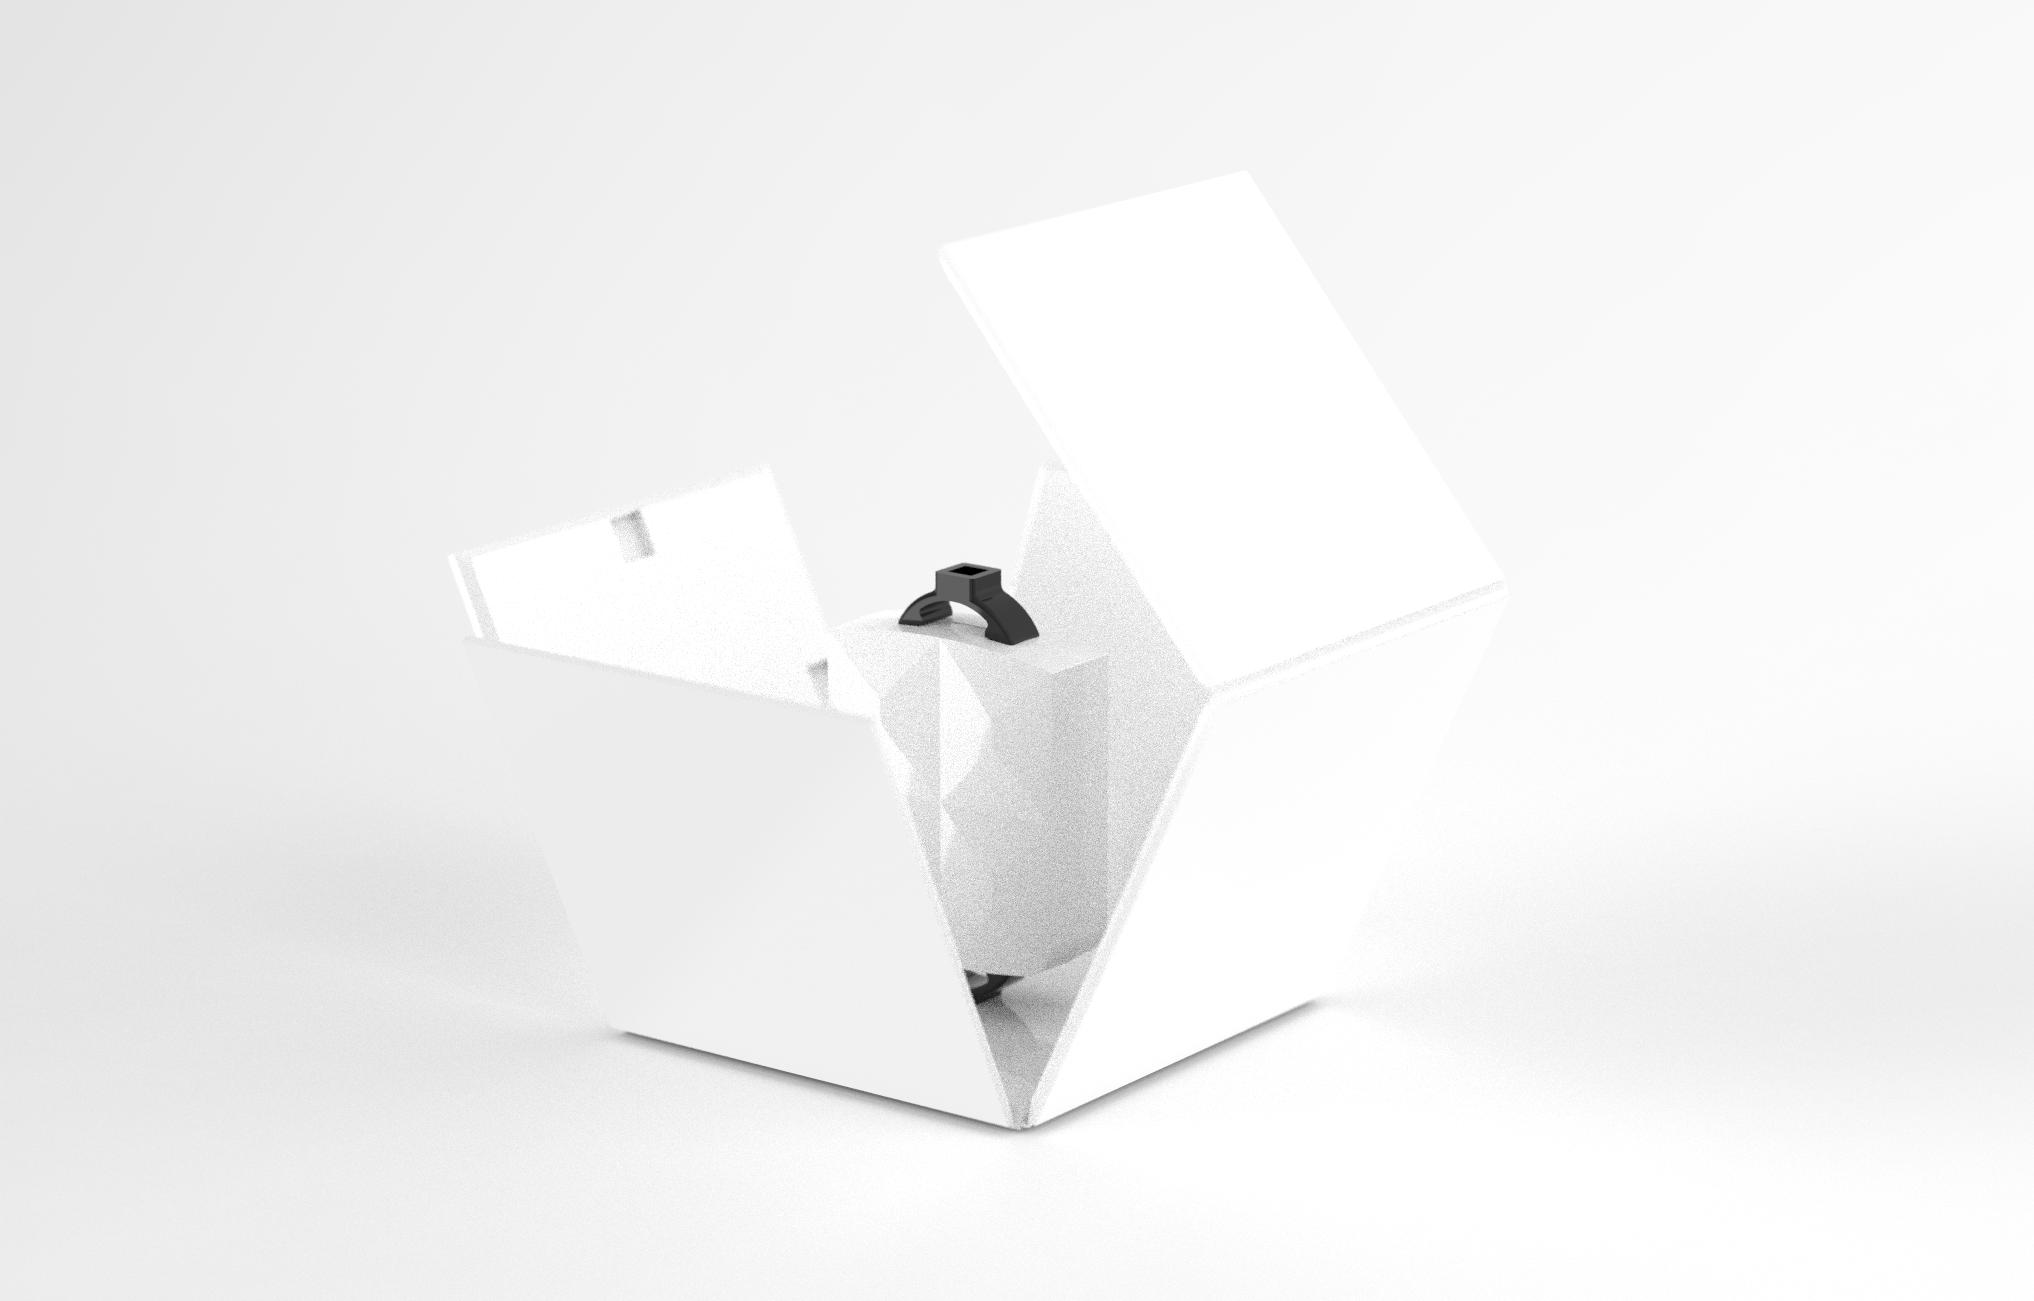 Cube_Bent_Module_04.png